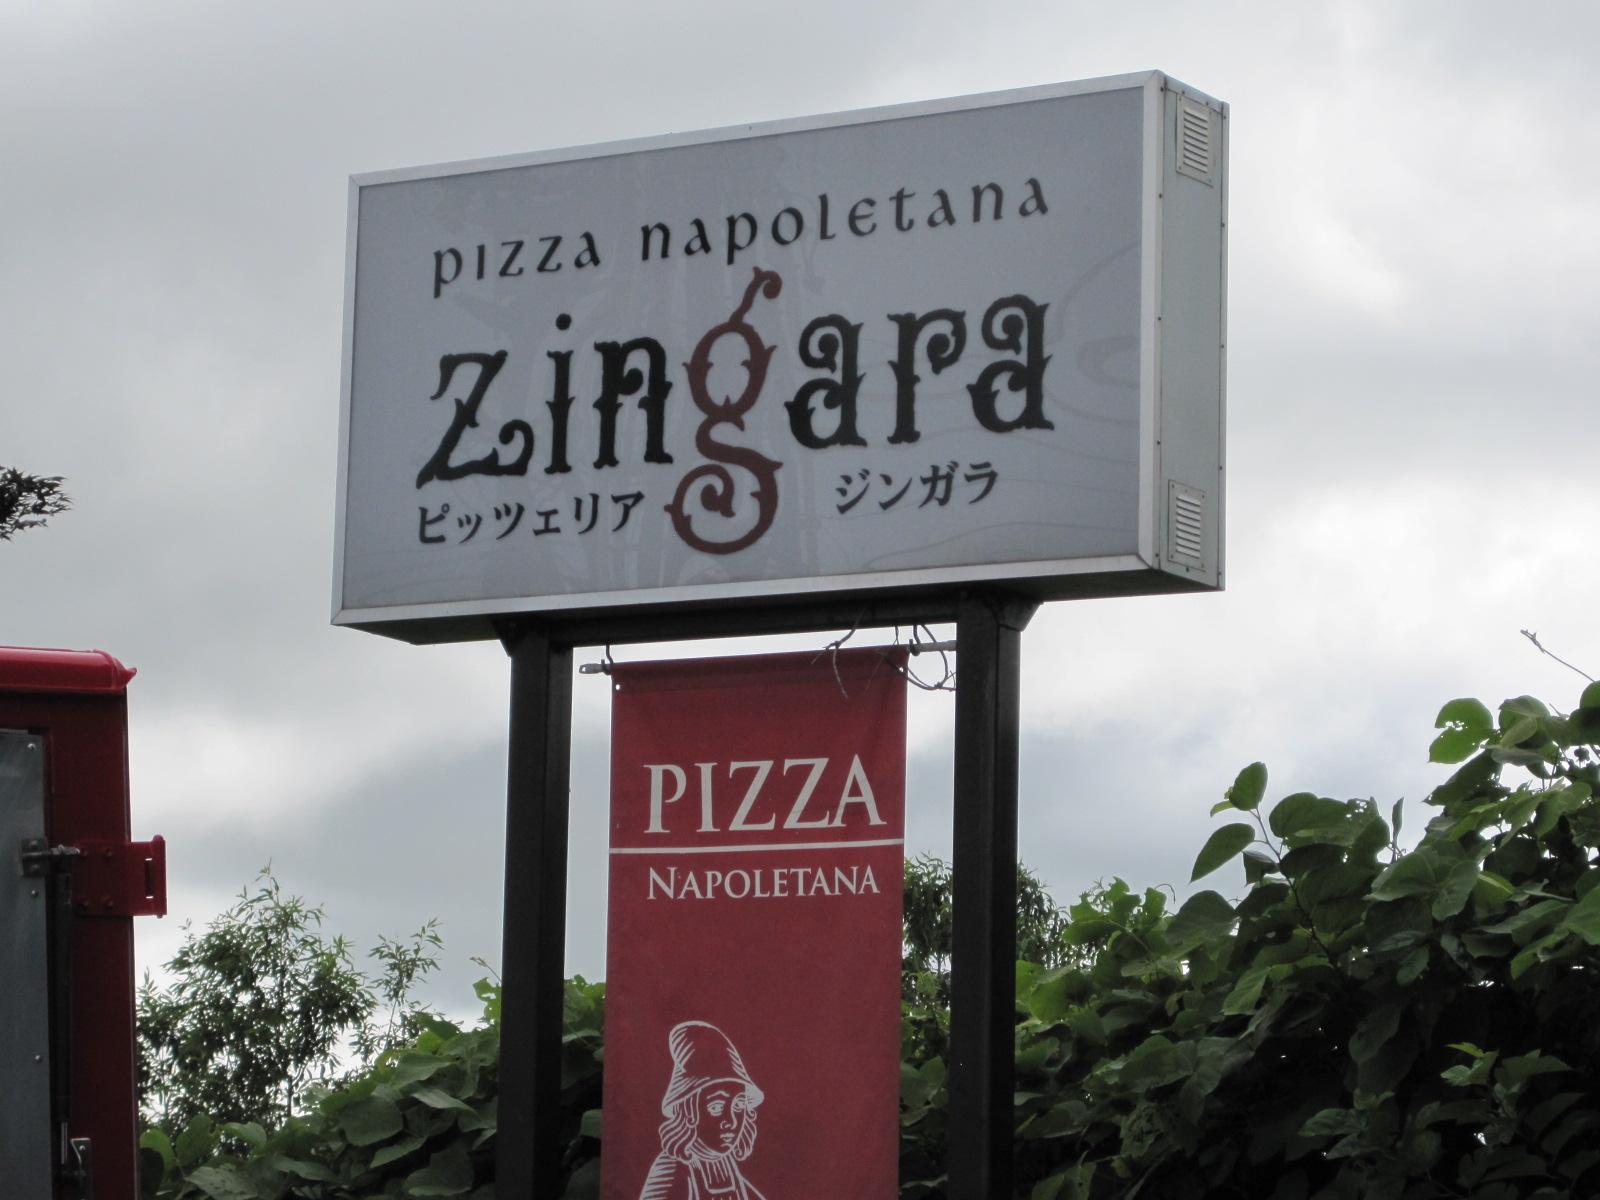 Zingara の ピッツァ_f0236260_23213654.jpg